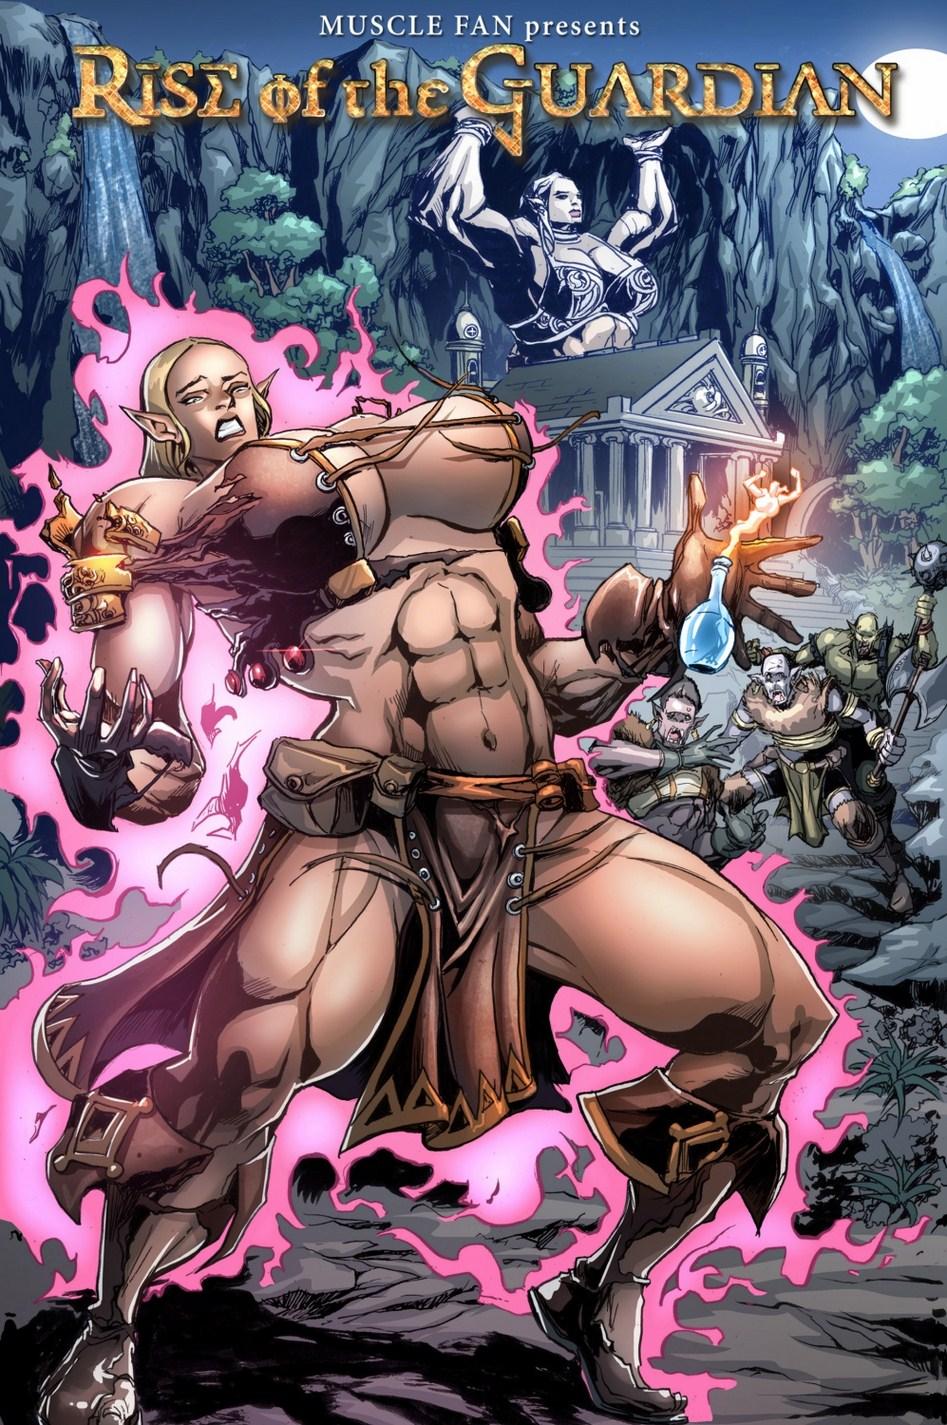 Rise of Guardian (Muscle Fan) Parody image 01